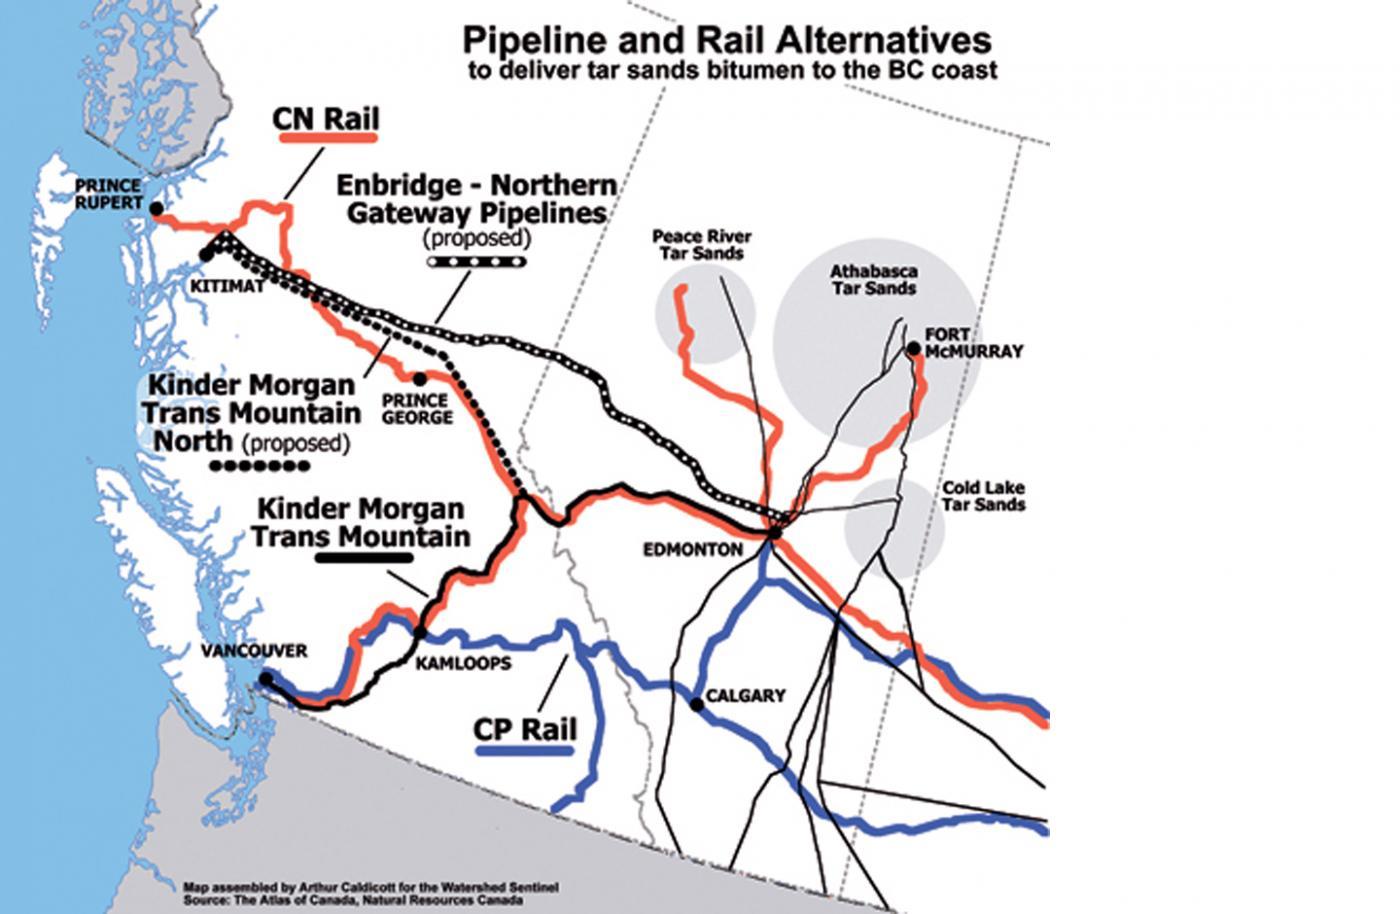 pipelinemap2_for_web copy.jpg